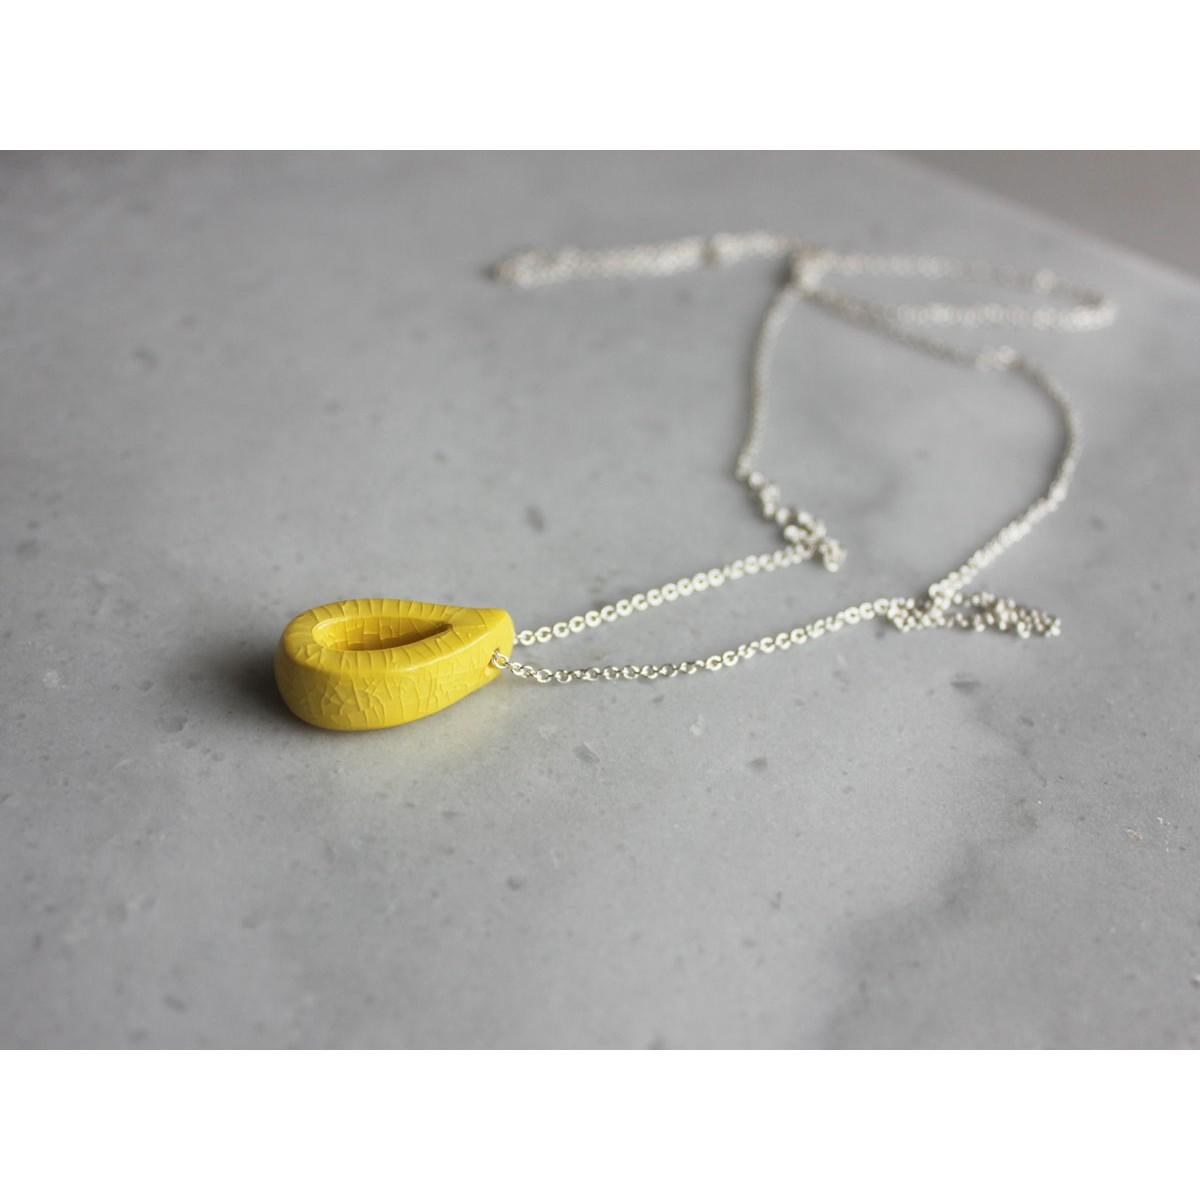 Skelini - Keramiktropfenkette in gelb